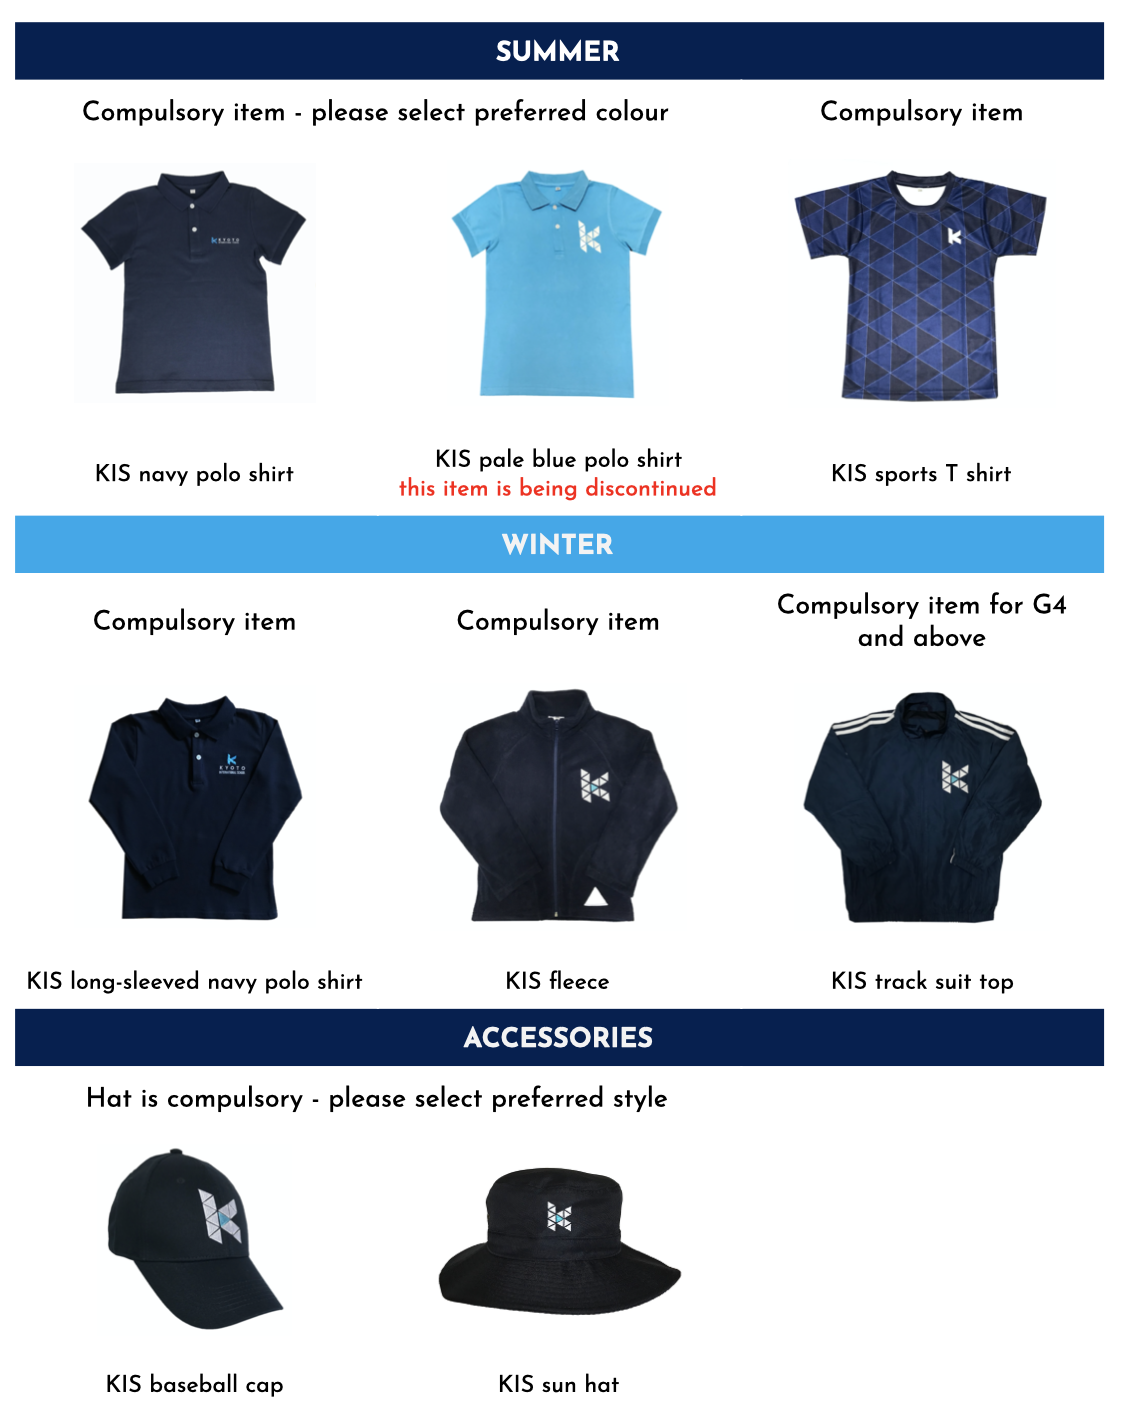 kis-uniform-guide-2020-new.png